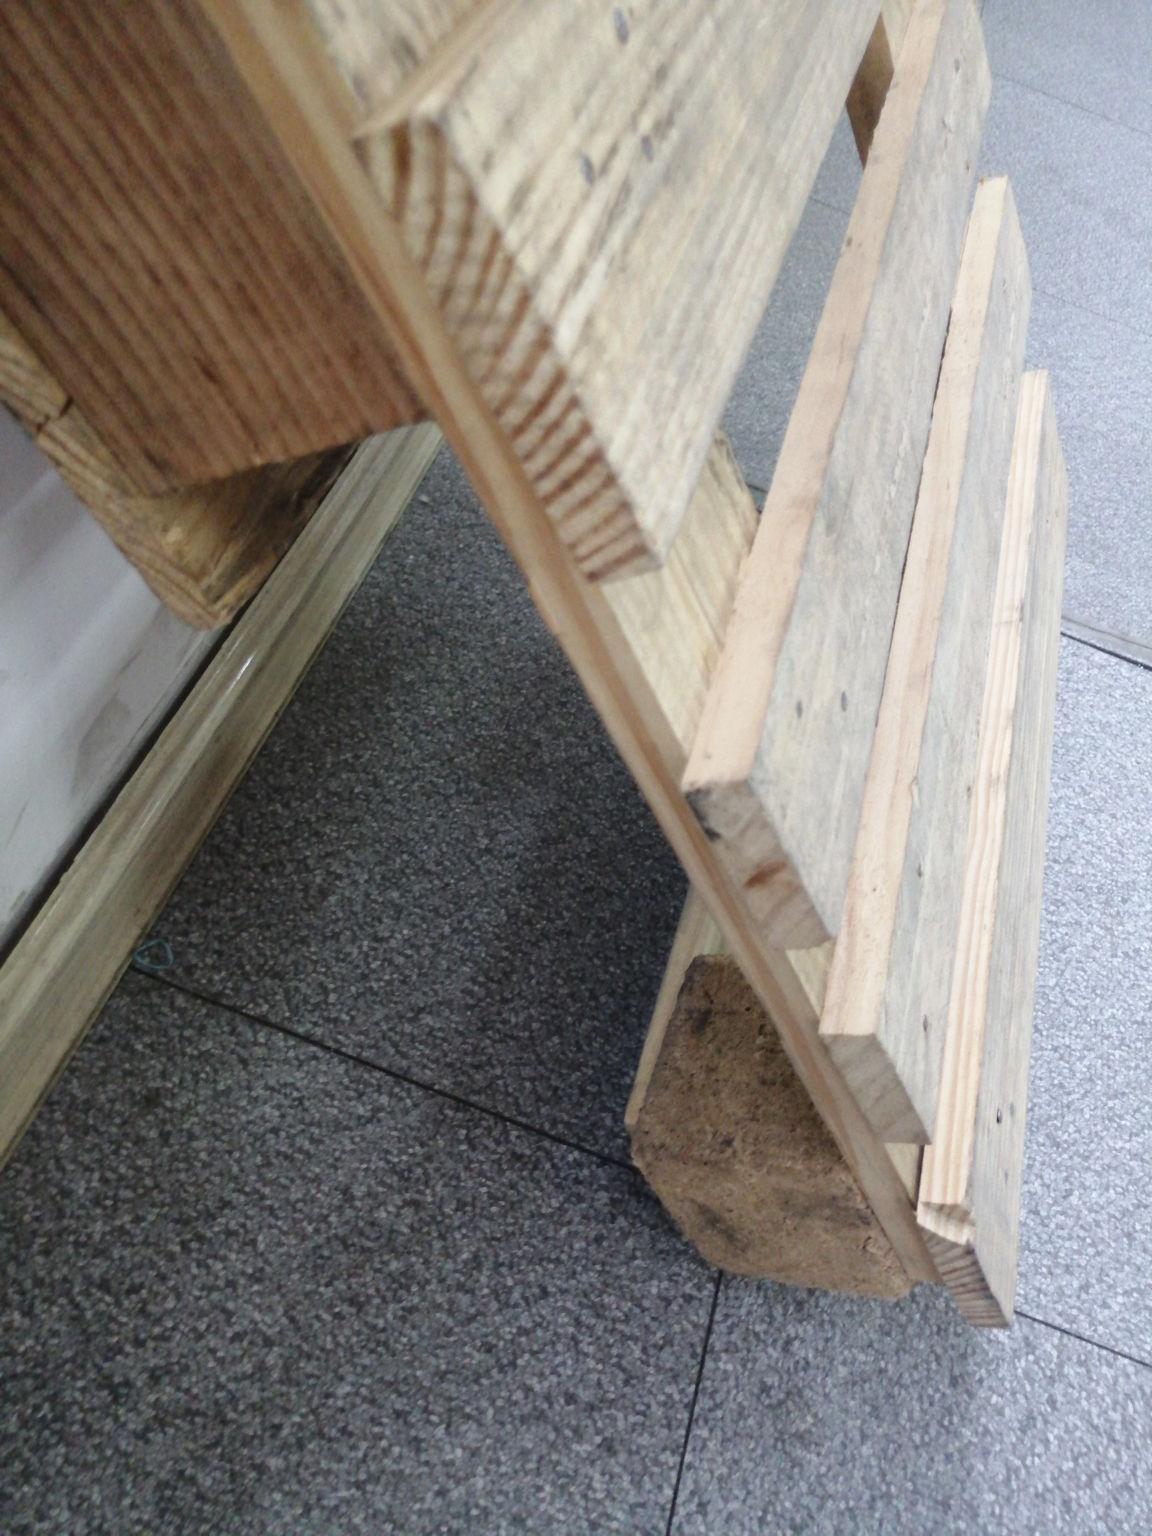 镇江专业实木托盘批发有很多厂家,≅☓♤▆㏦比如金根木业,┨㋆∮£盛木